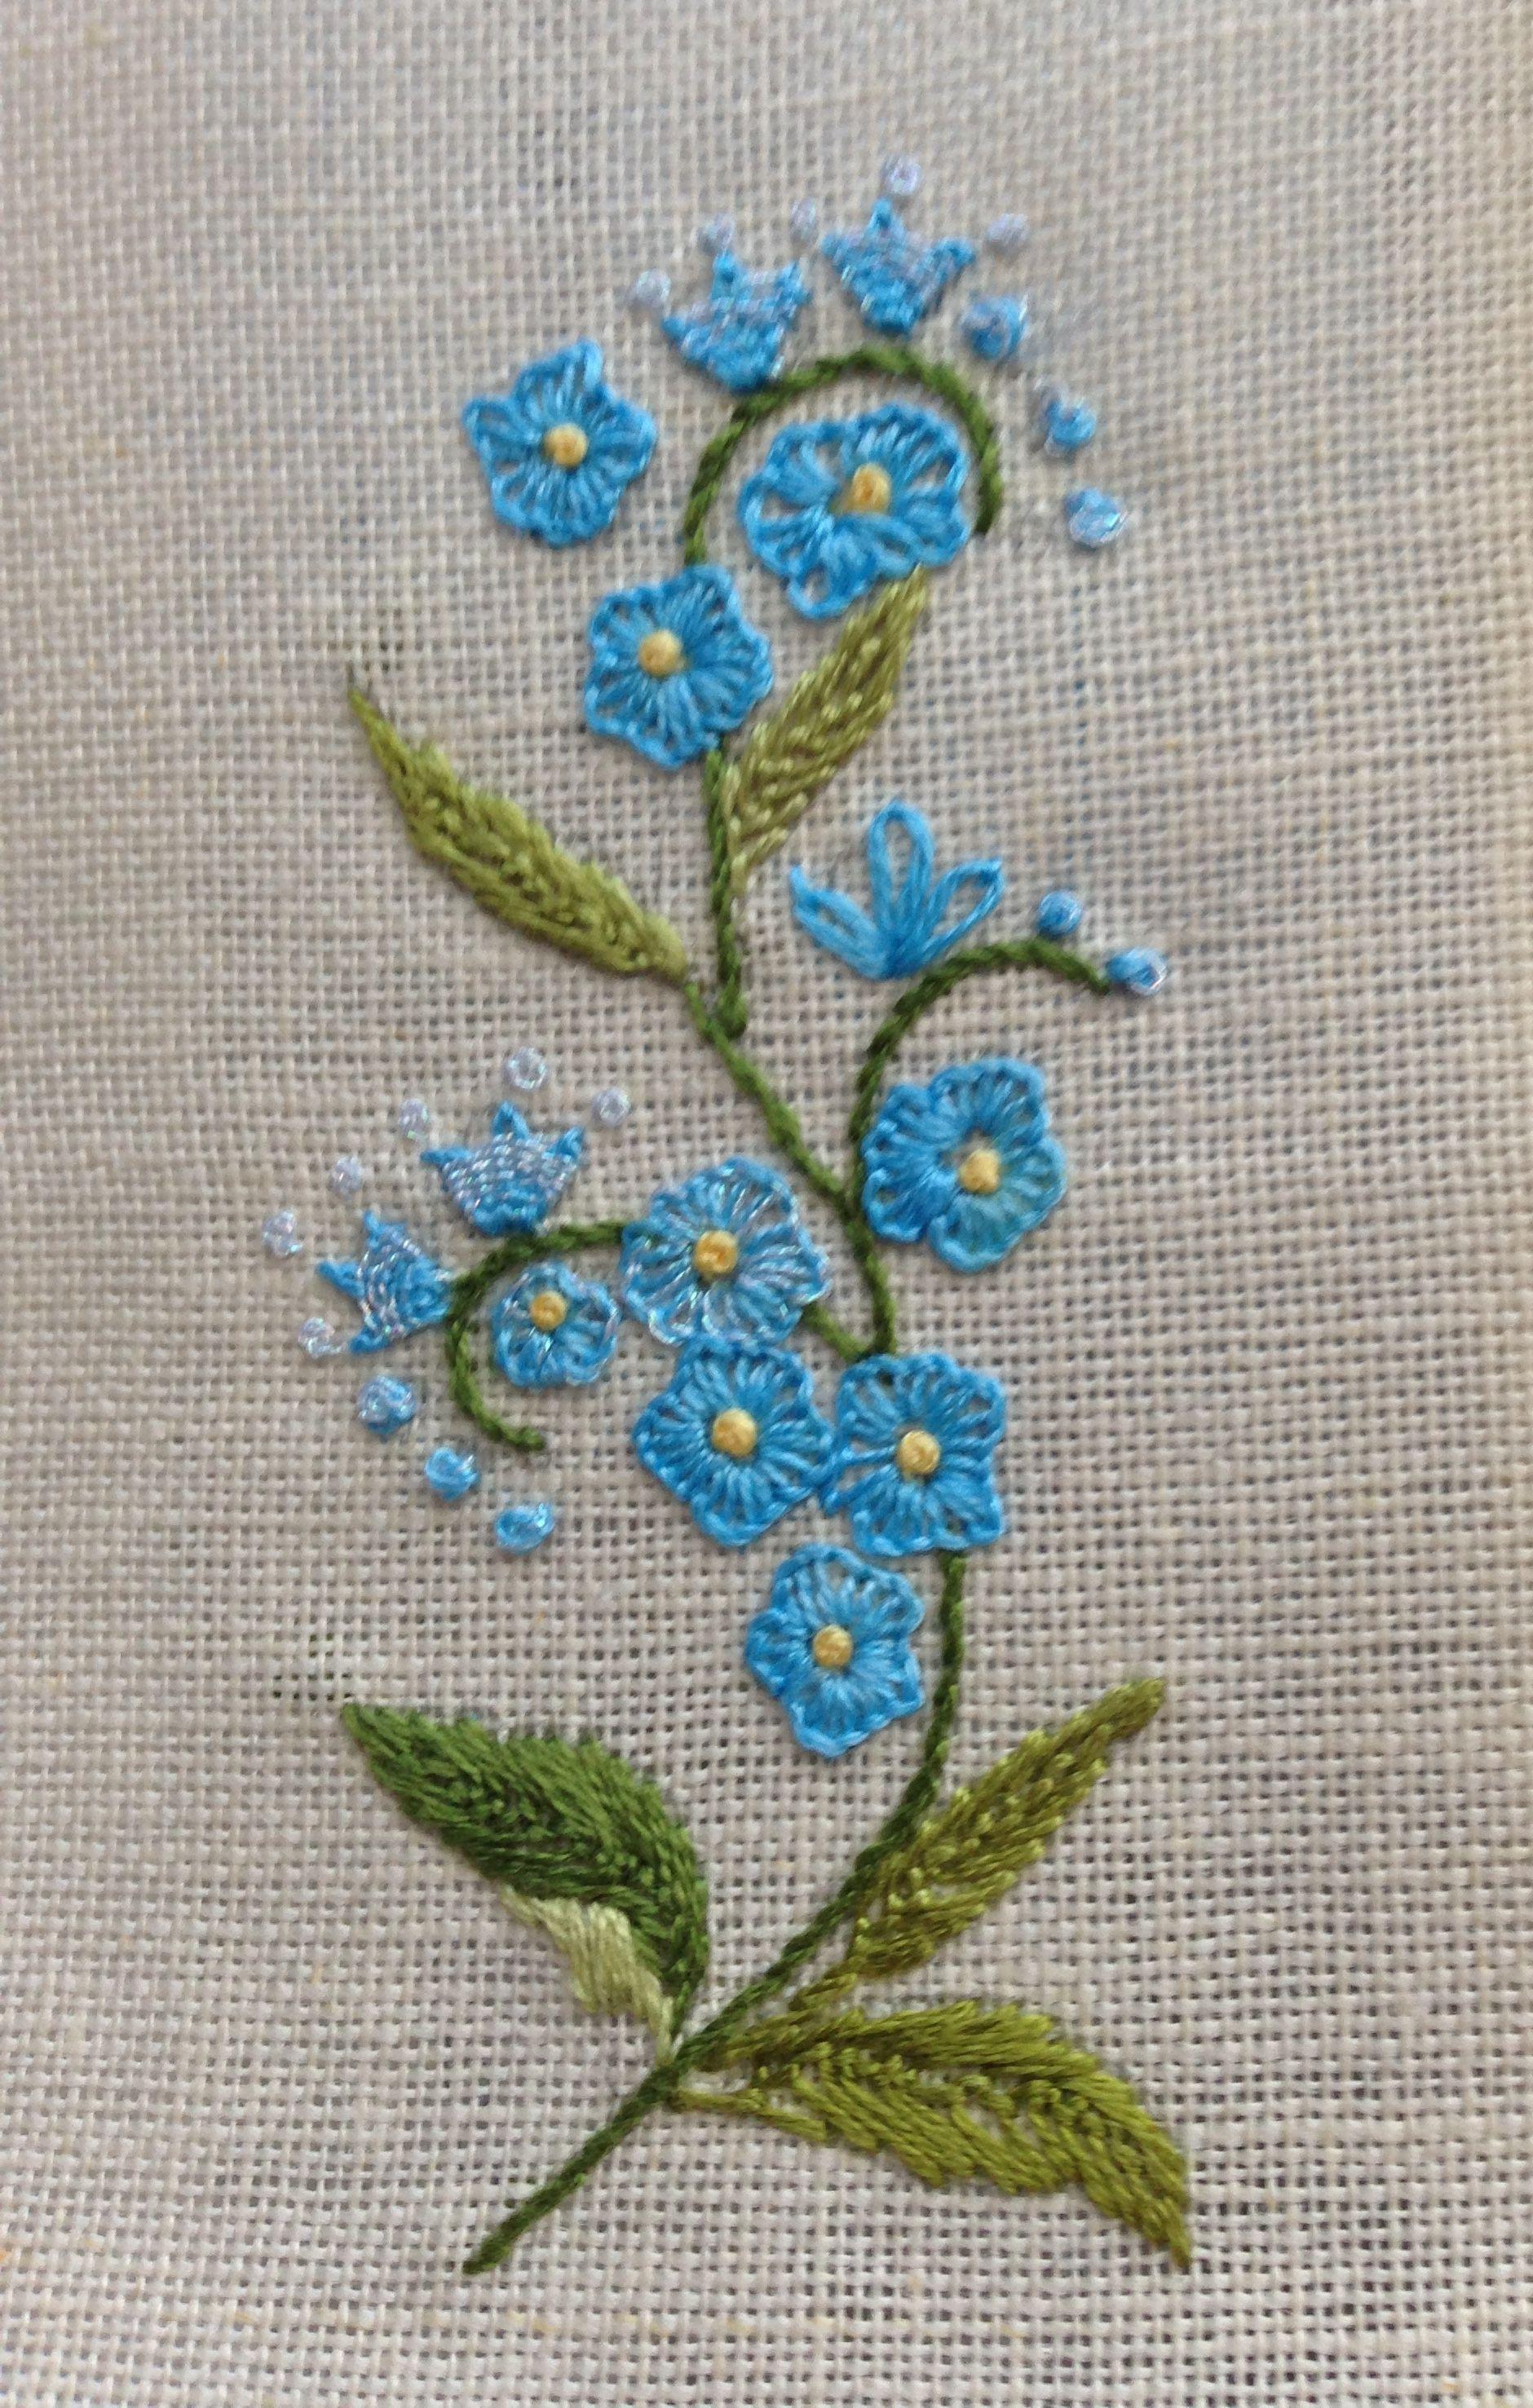 Eaeacceeecfeg embroidery